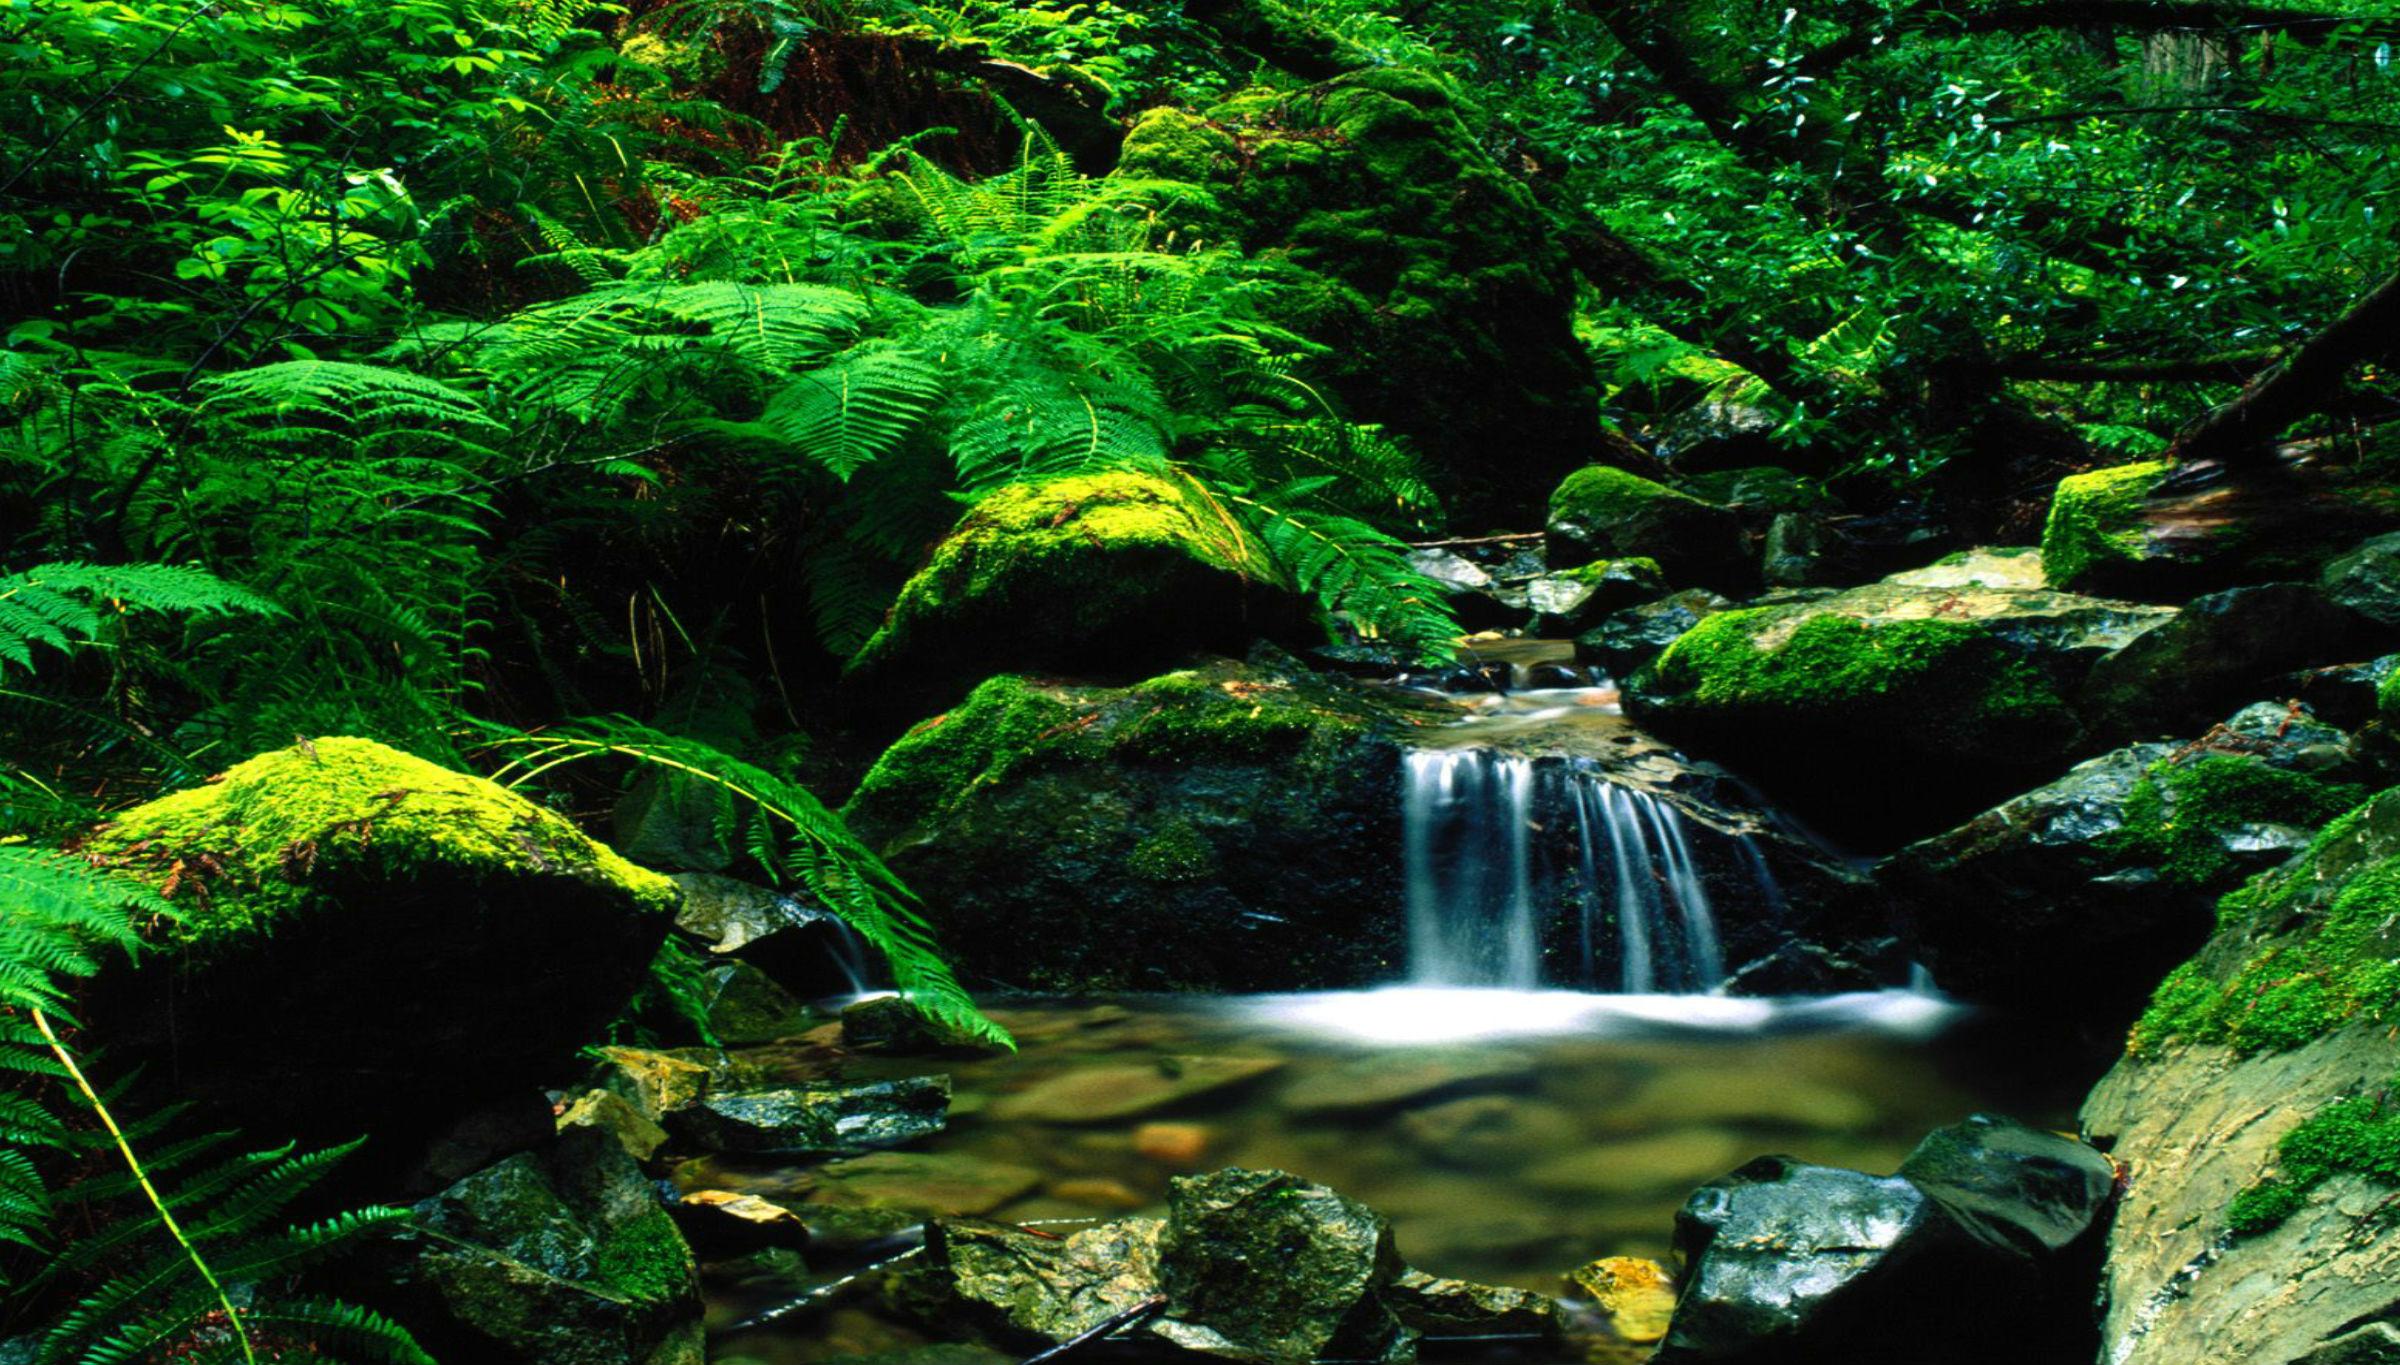 红茶沟国家森林公园